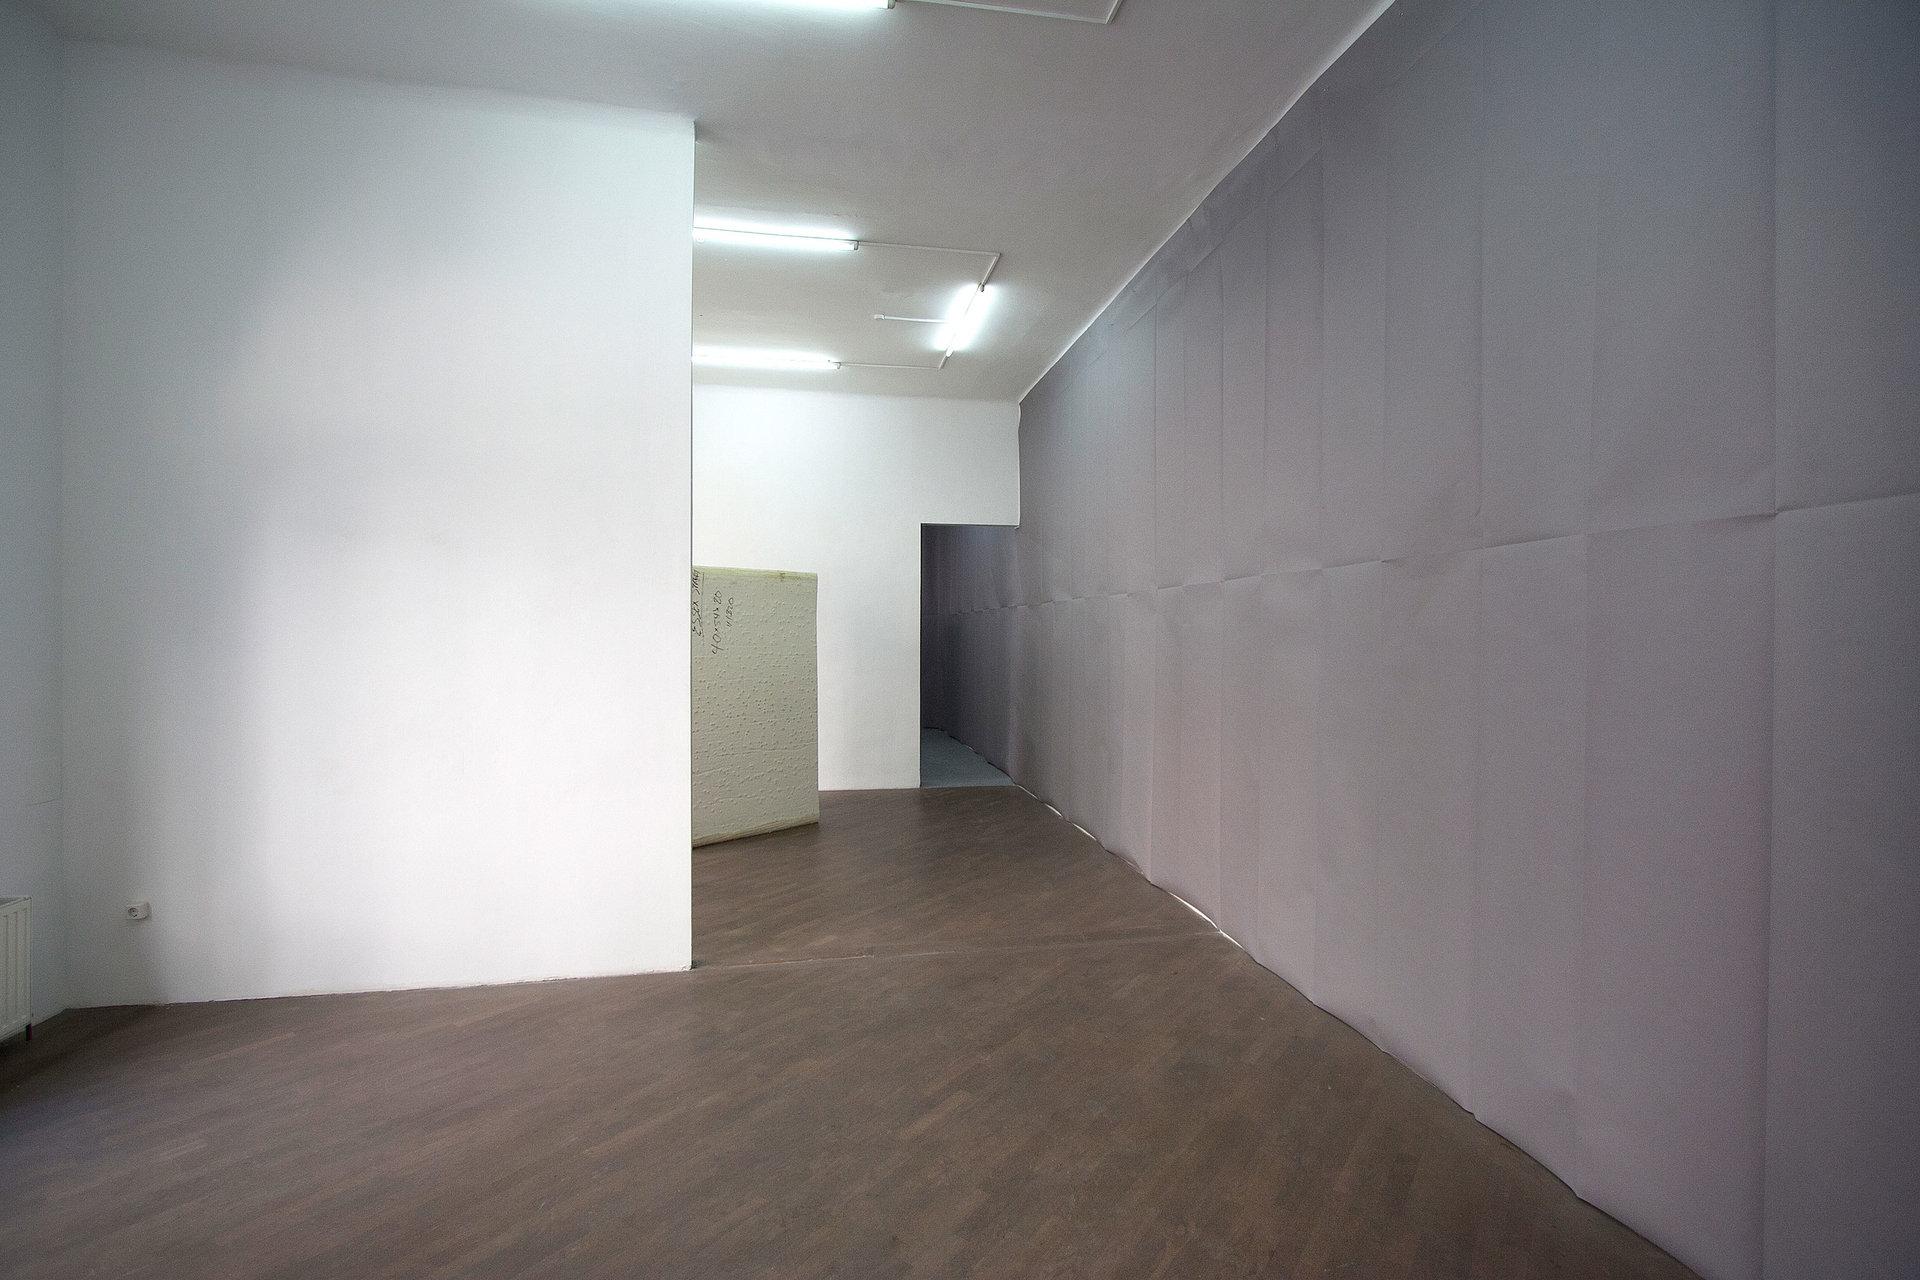 #4-Gerber_McArthur_Nutt_-final-installation-view